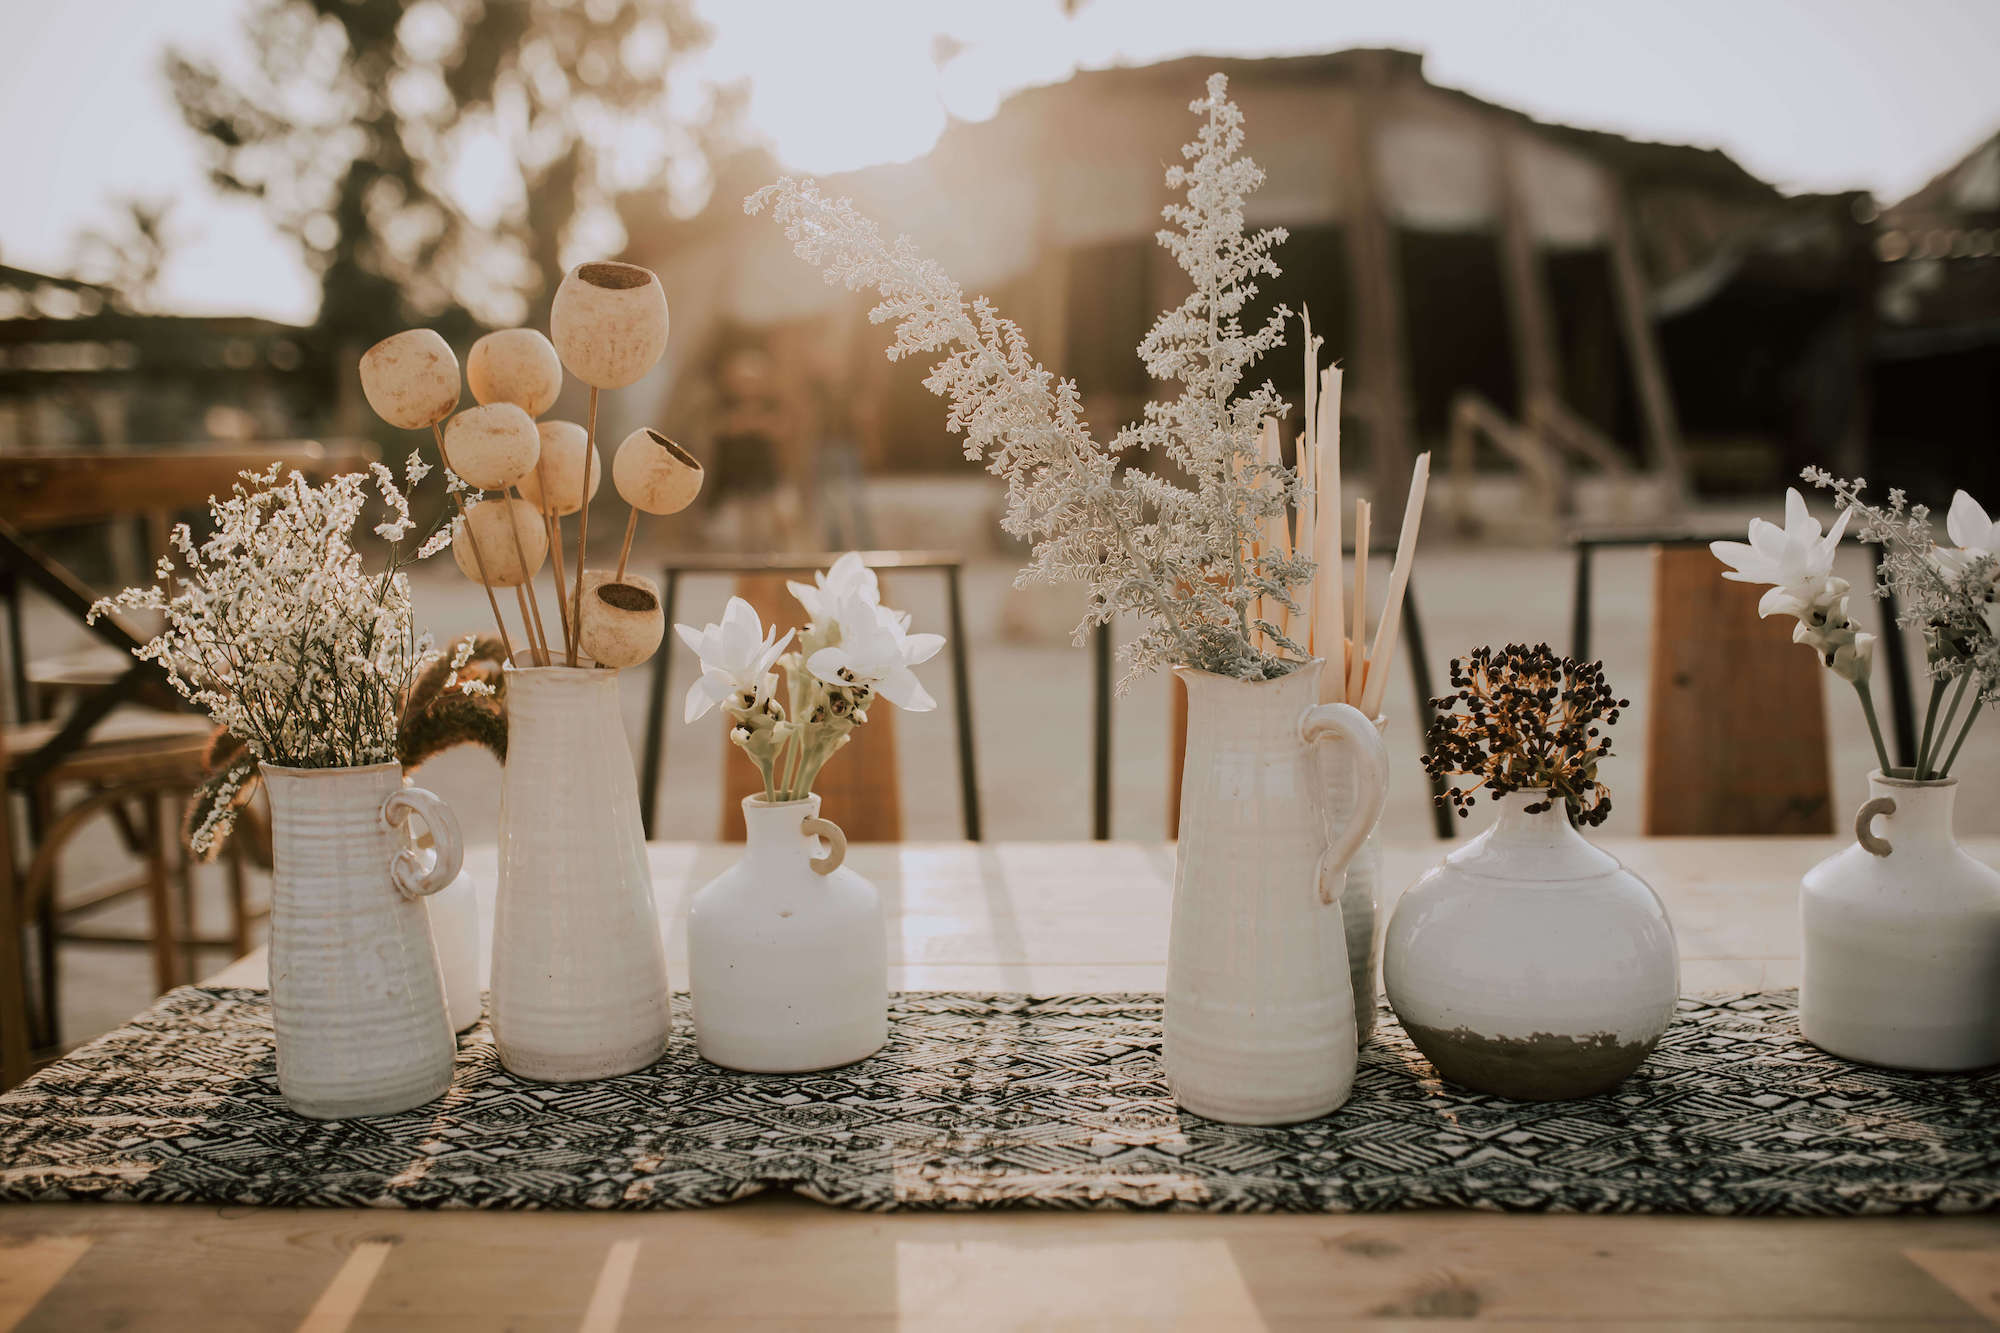 לא רק פאמפס: עיצובי החתונה הכי וואו של 2020